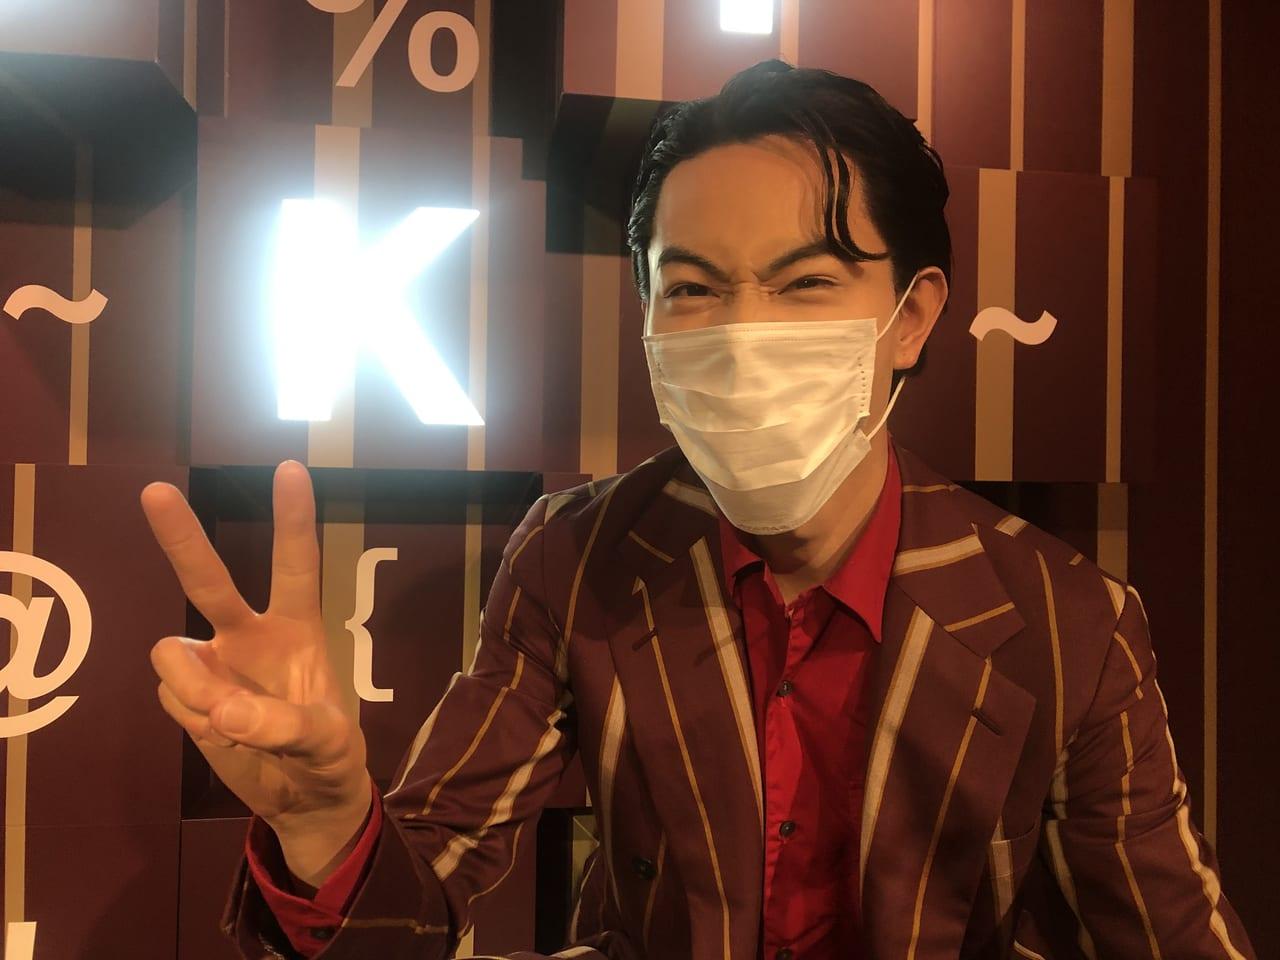 「マダム・タッソー東京」 6月1日(月)より 営業再開!チケット1,000円OFF の『ウェルカムバック!キャンペーン』期間限定実施